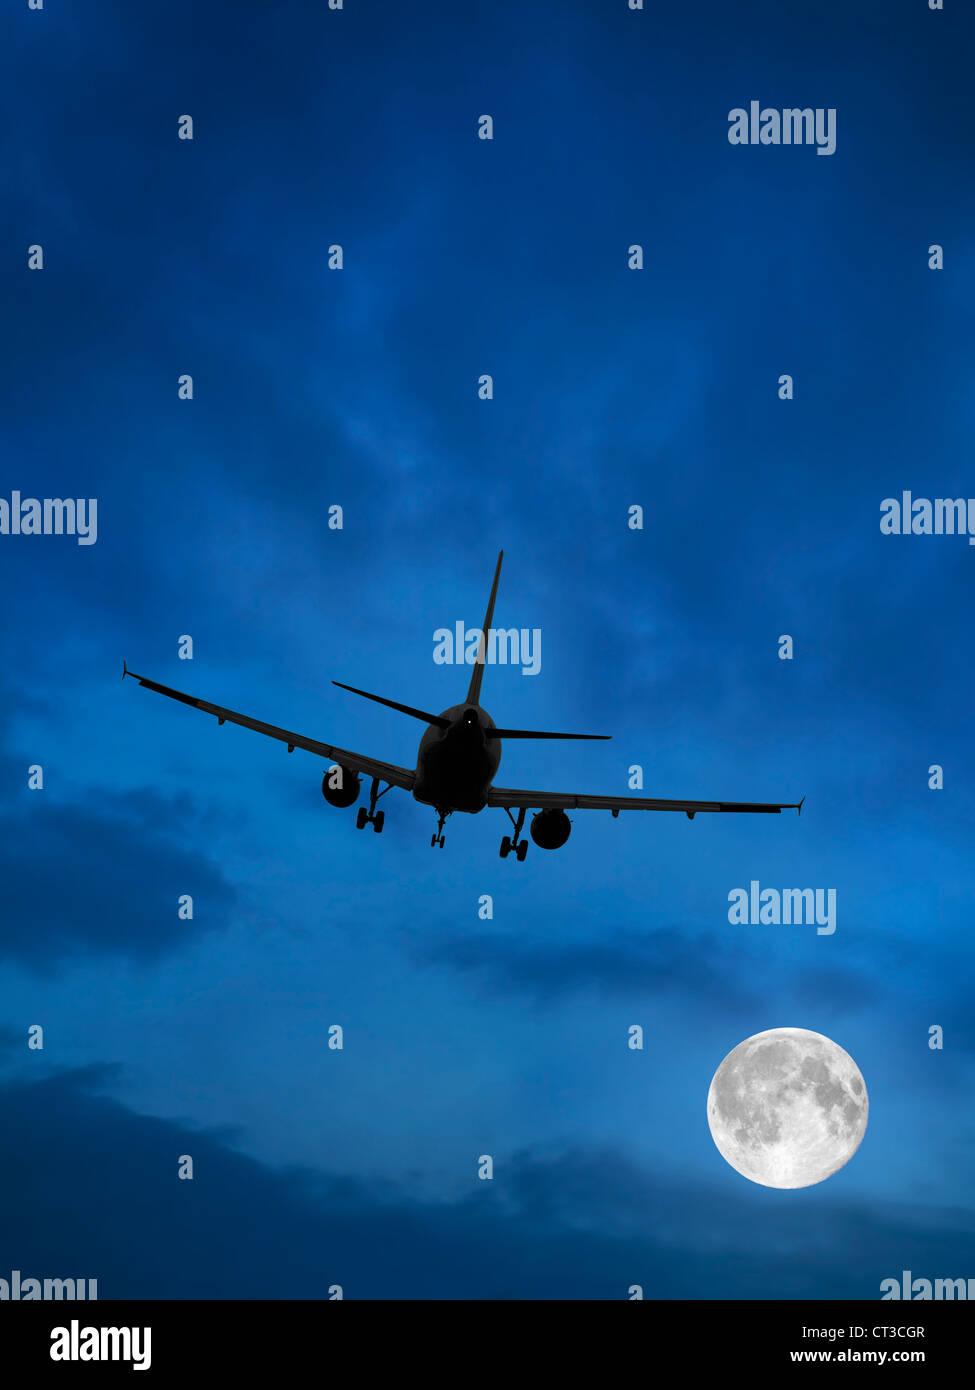 Avión y la luna en el cielo azul Imagen De Stock